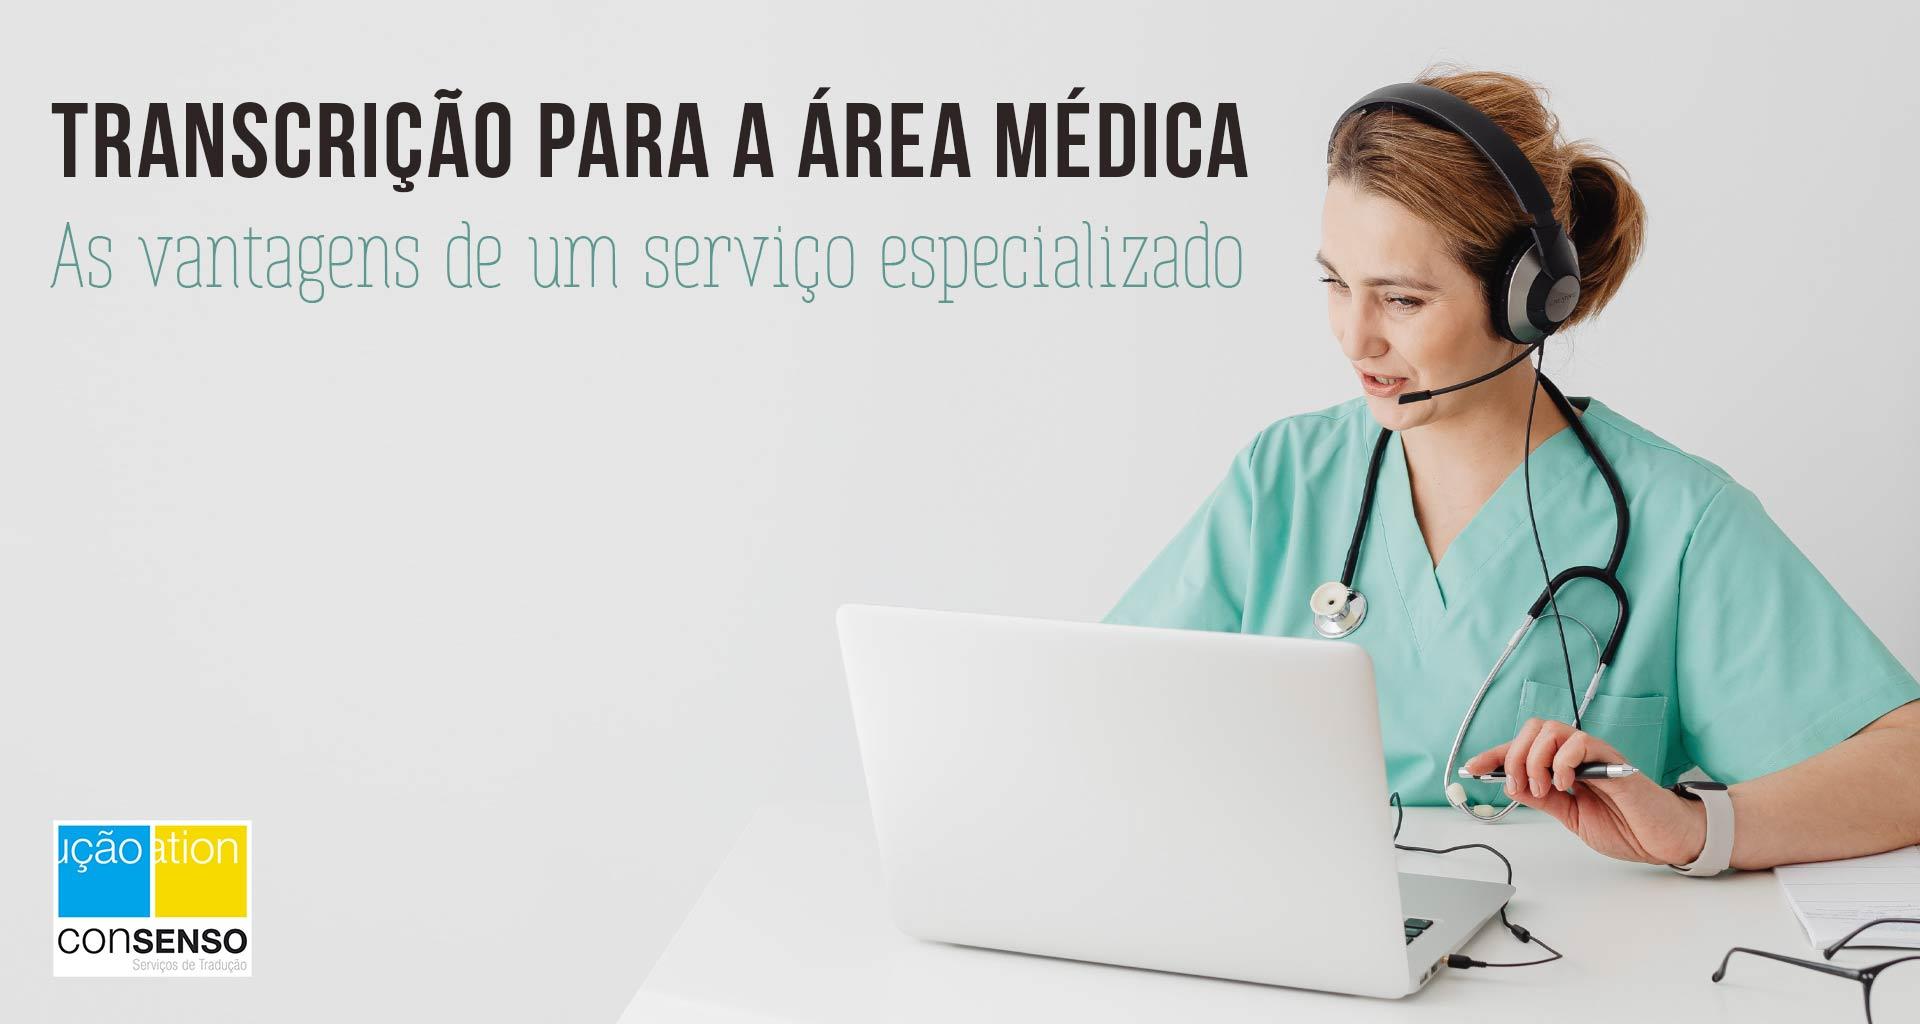 Serviços de transcrição para a área médica